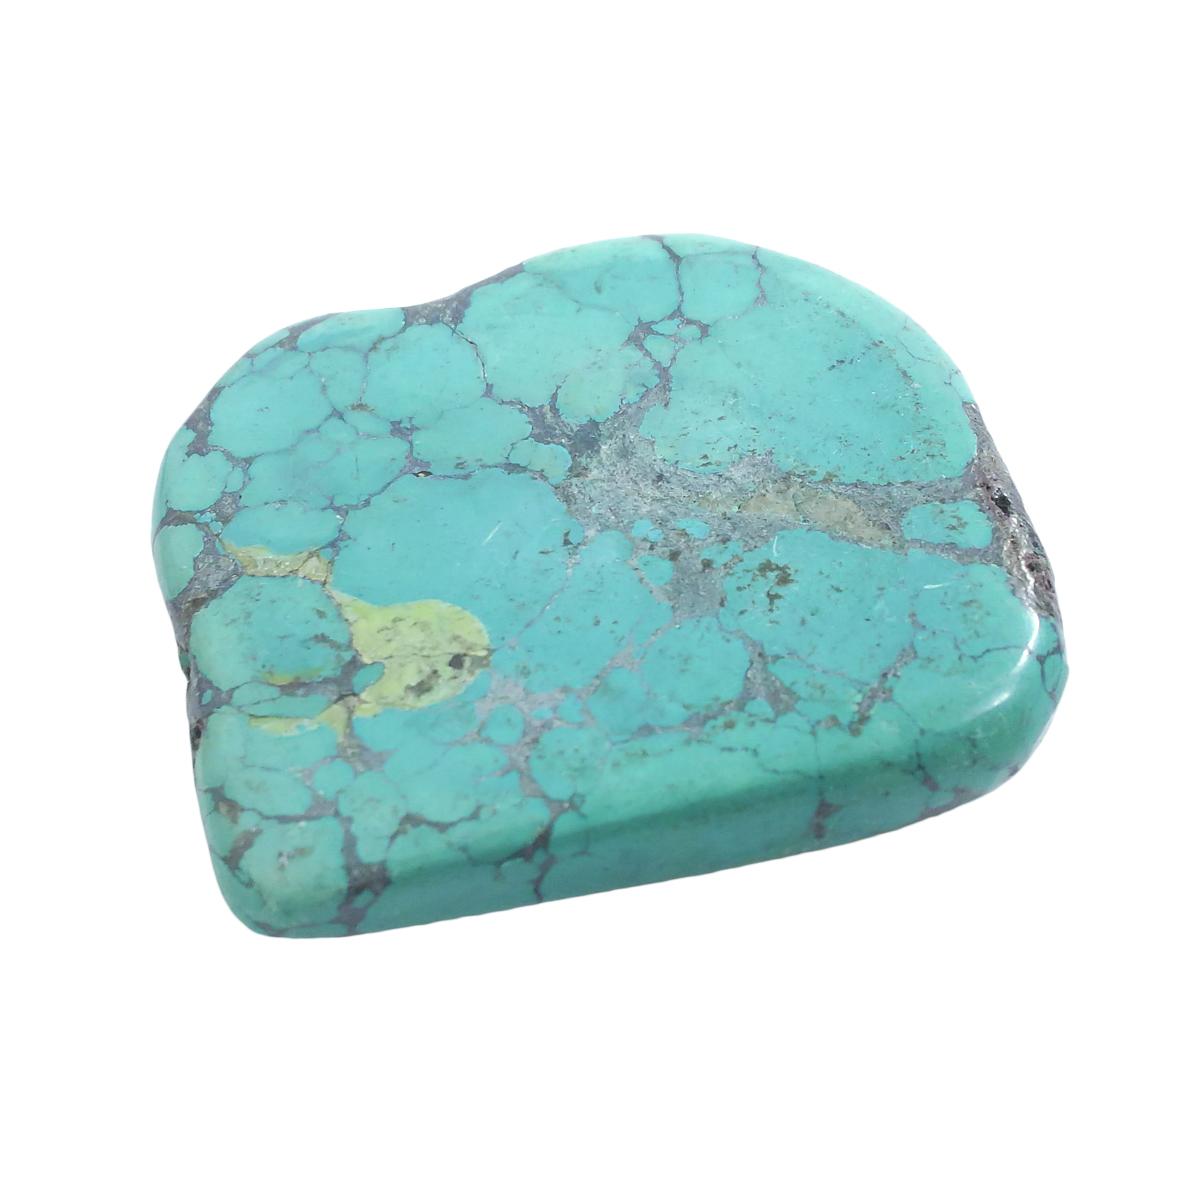 天然石パーツ ターコイズ トルコ石 スライスパーツ 両サイド片穴あり 約57.9x57.8x11.8mm